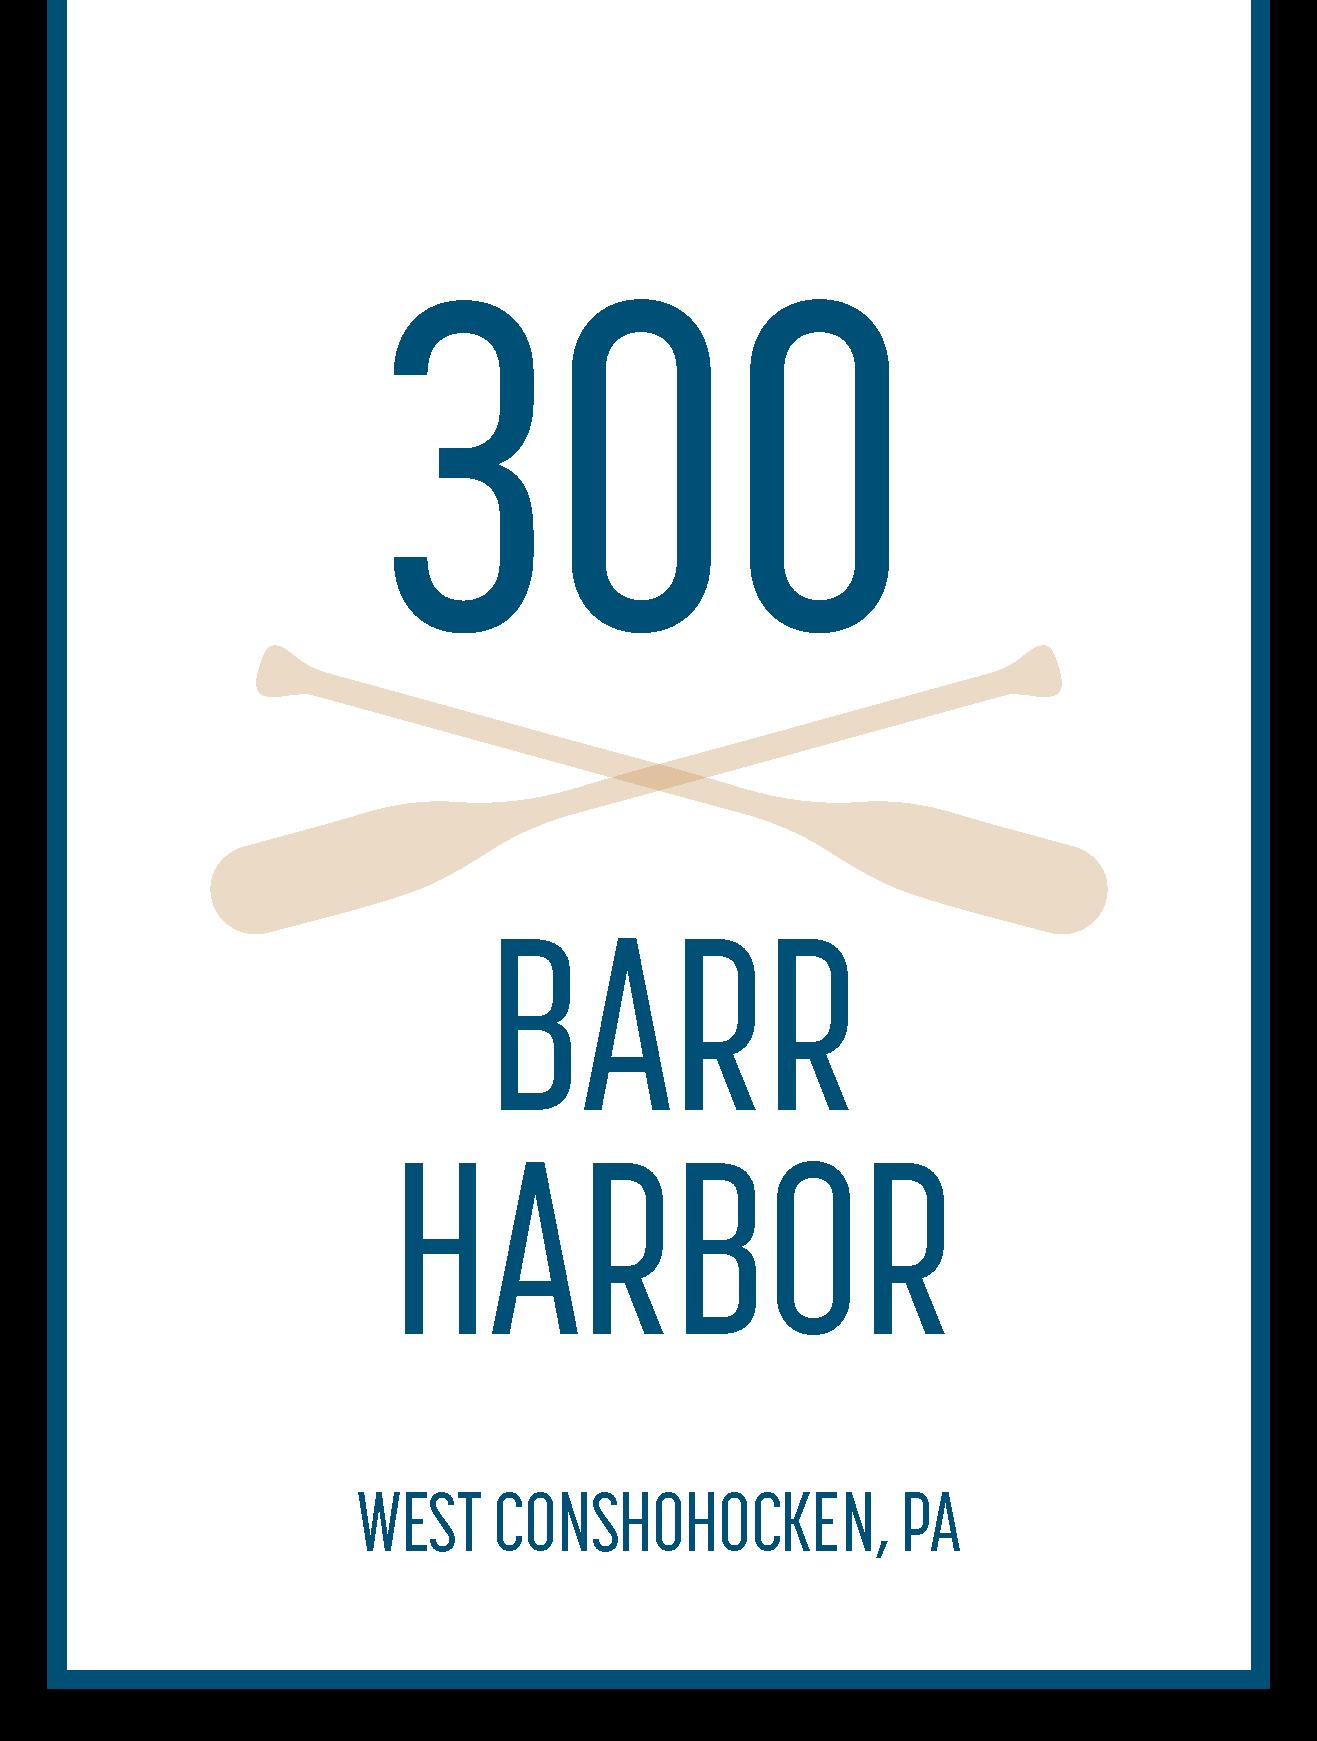 300 Barr Harbor